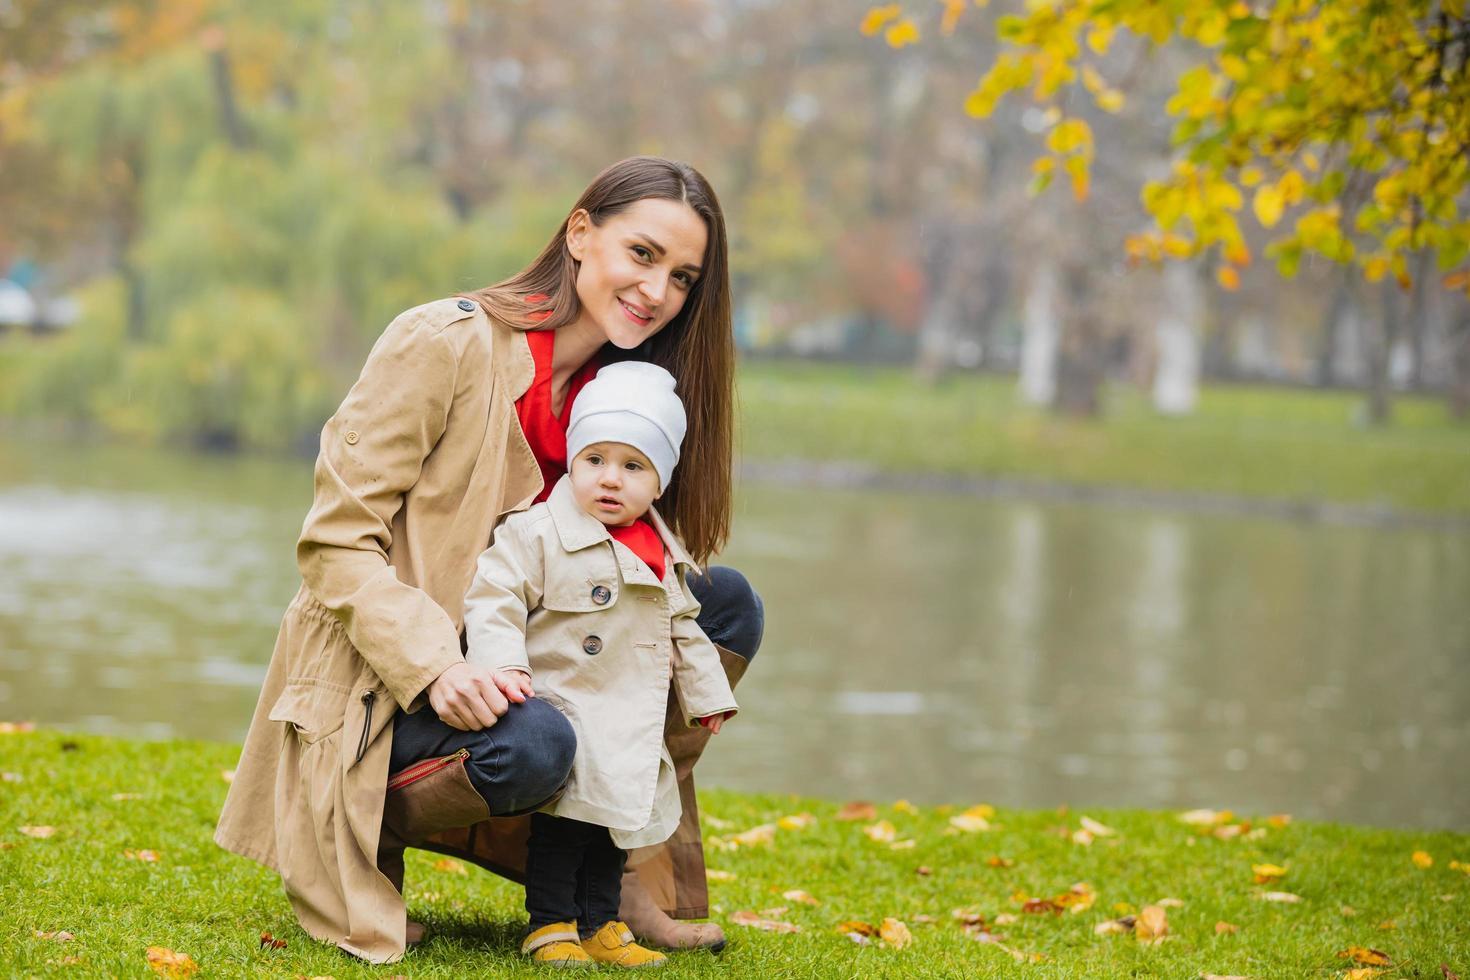 familia feliz jugando al aire libre en el parque, invierno, vida otoñal foto